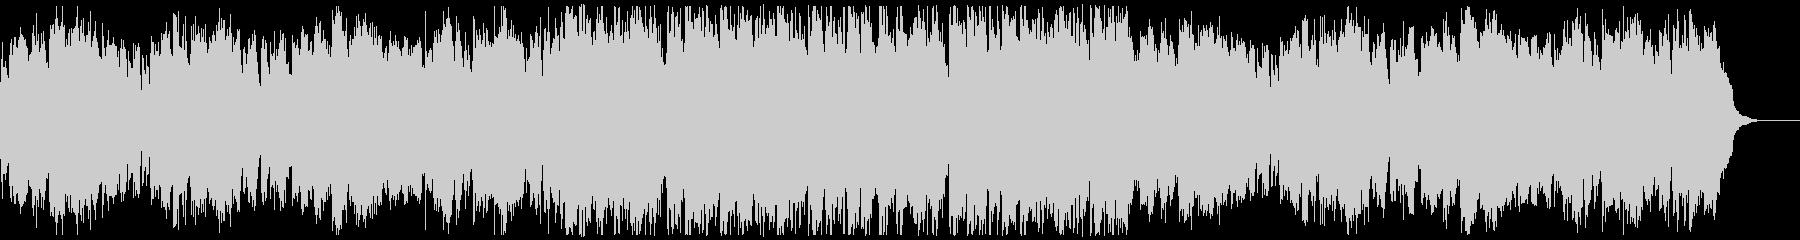 オープニング・優しいボサノバの未再生の波形